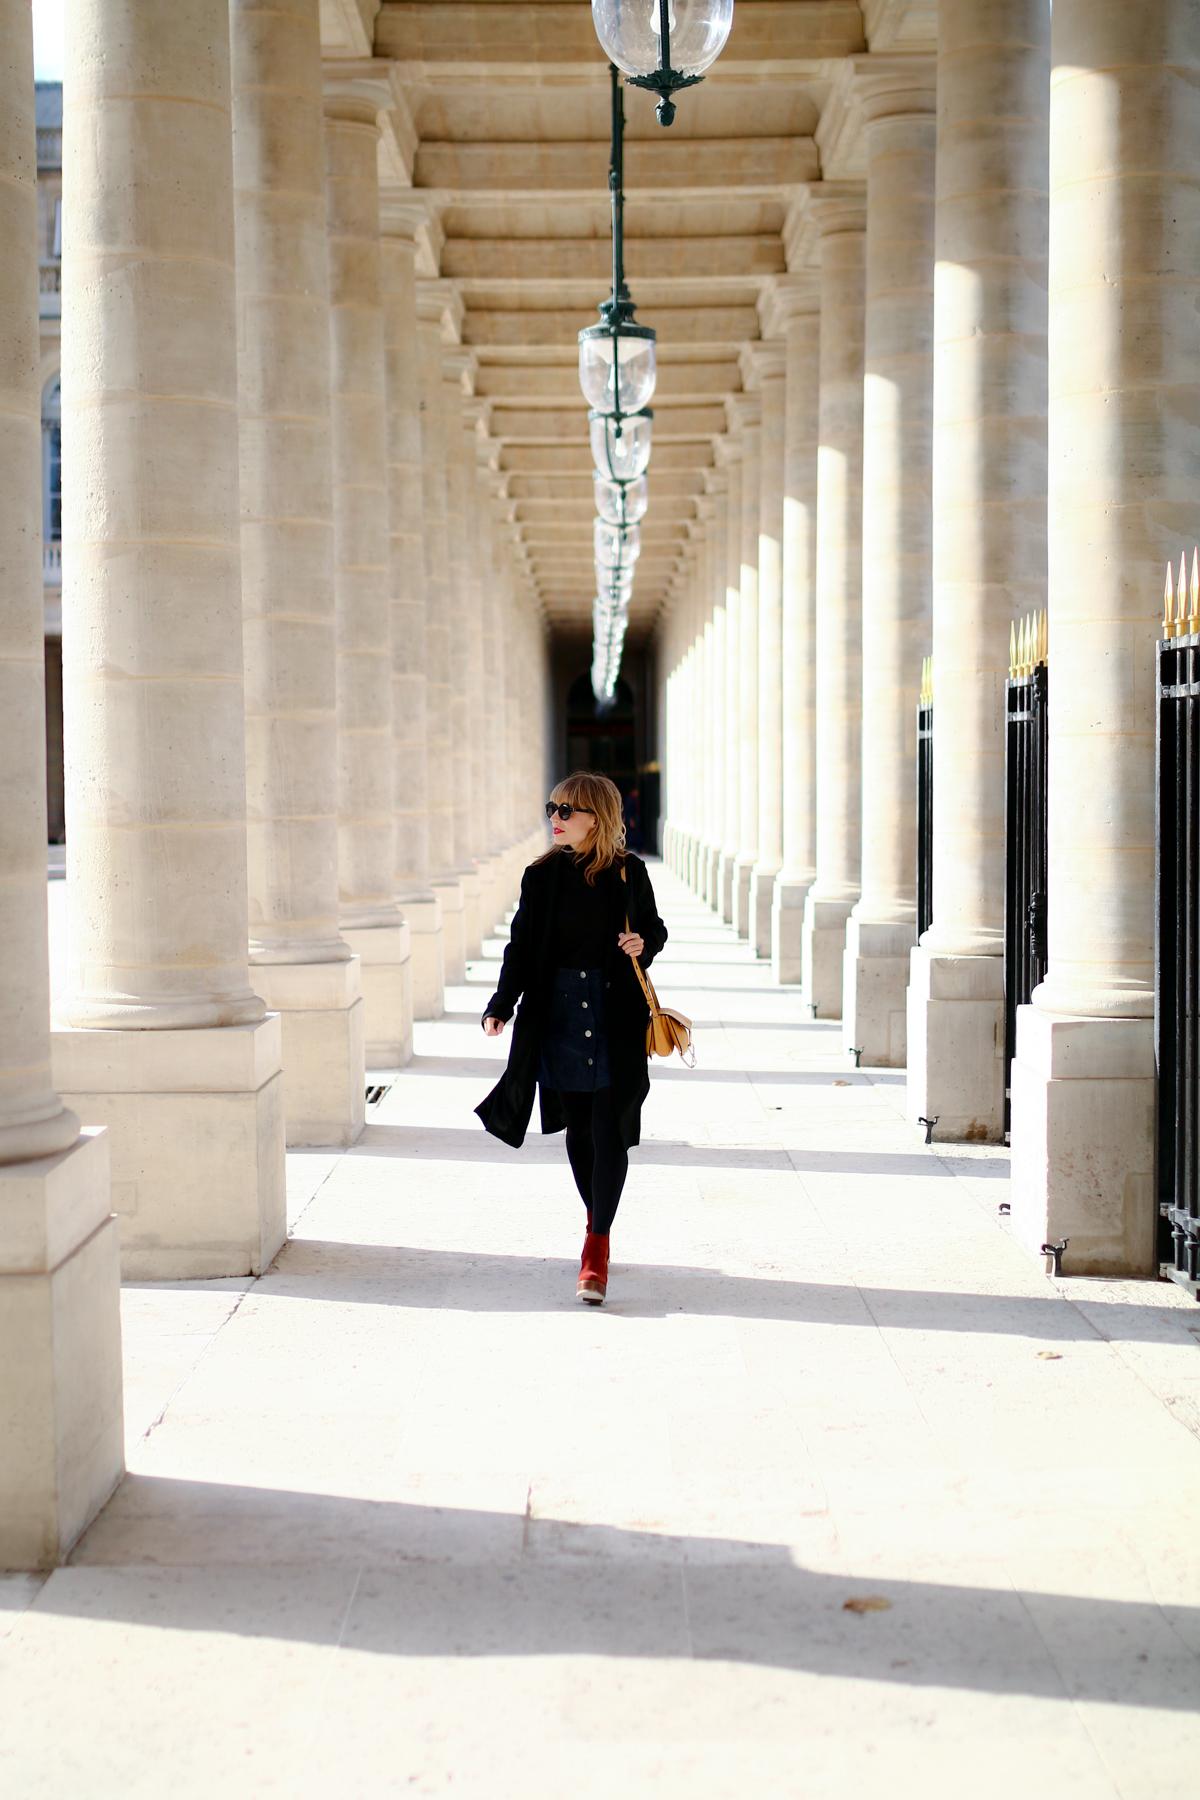 Look Paris jupe en daim et pull col roulé  I Sp4nkblog-4